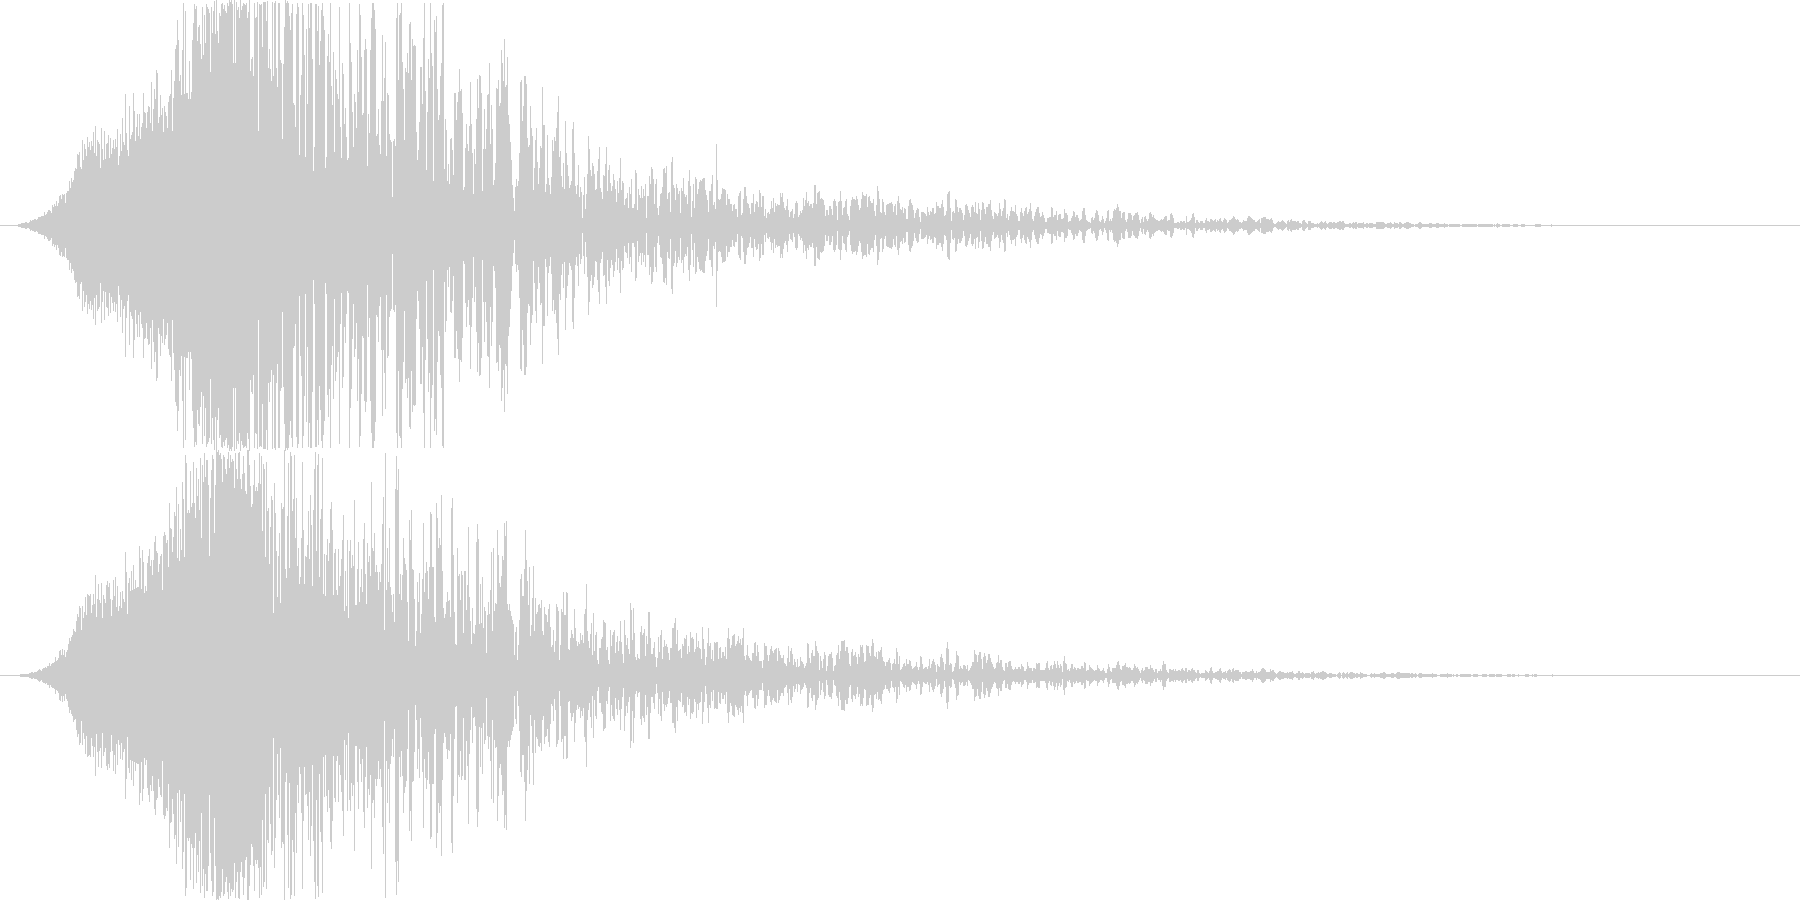 衝撃音の後に、何かが登場したような余韻音の未再生の波形